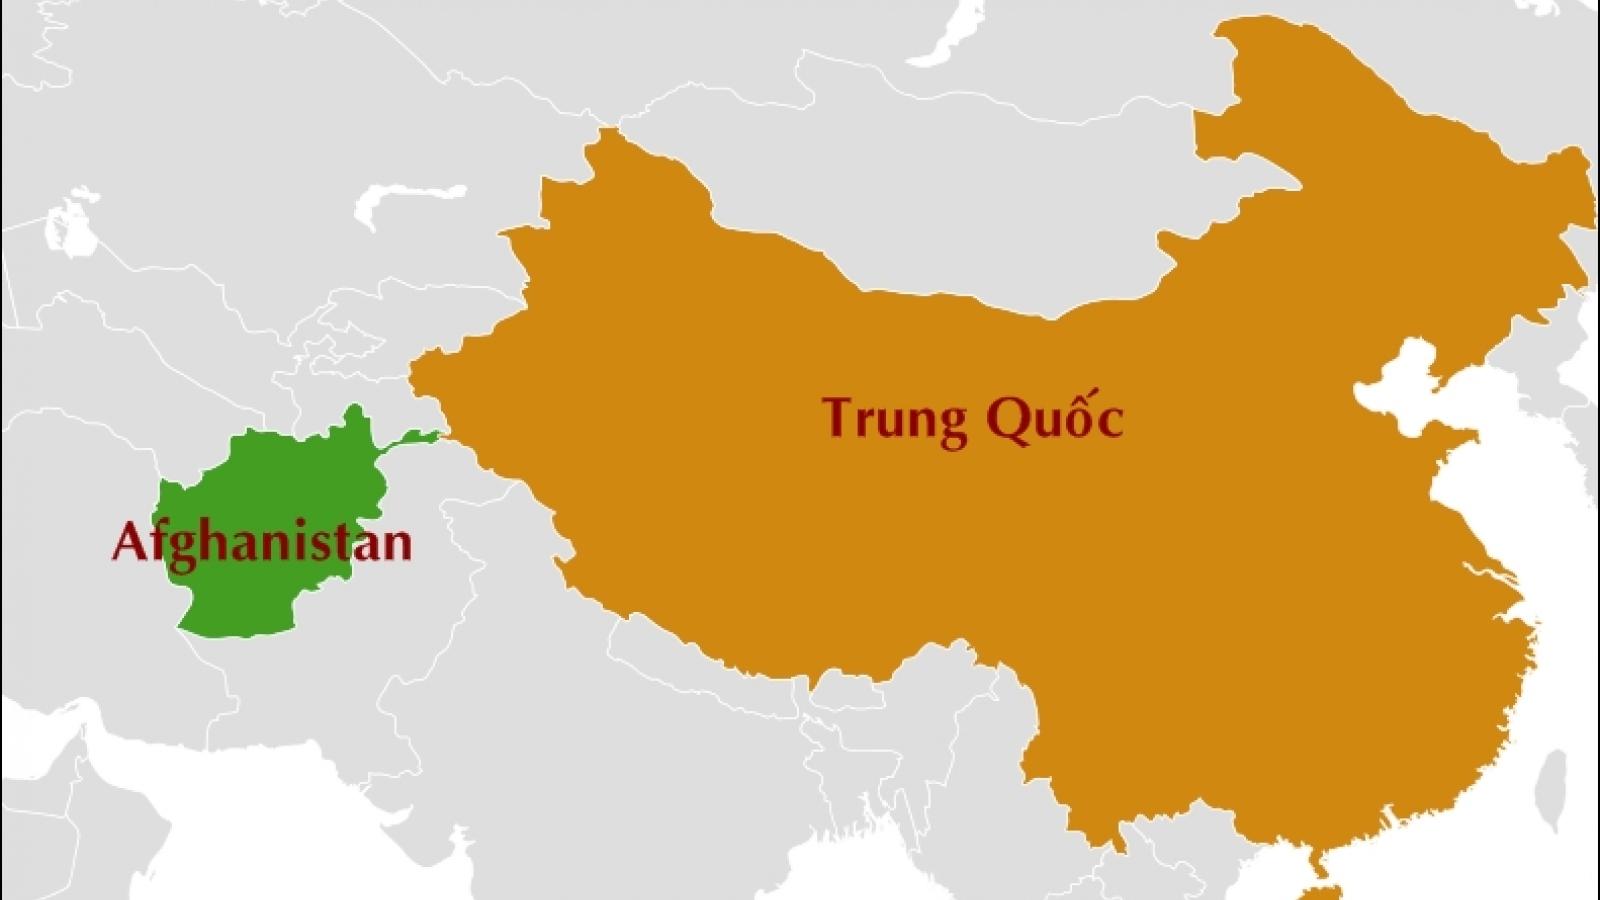 Thực hư về gián điệp Trung Quốc ở thủ đô Kabul (Afghanistan)